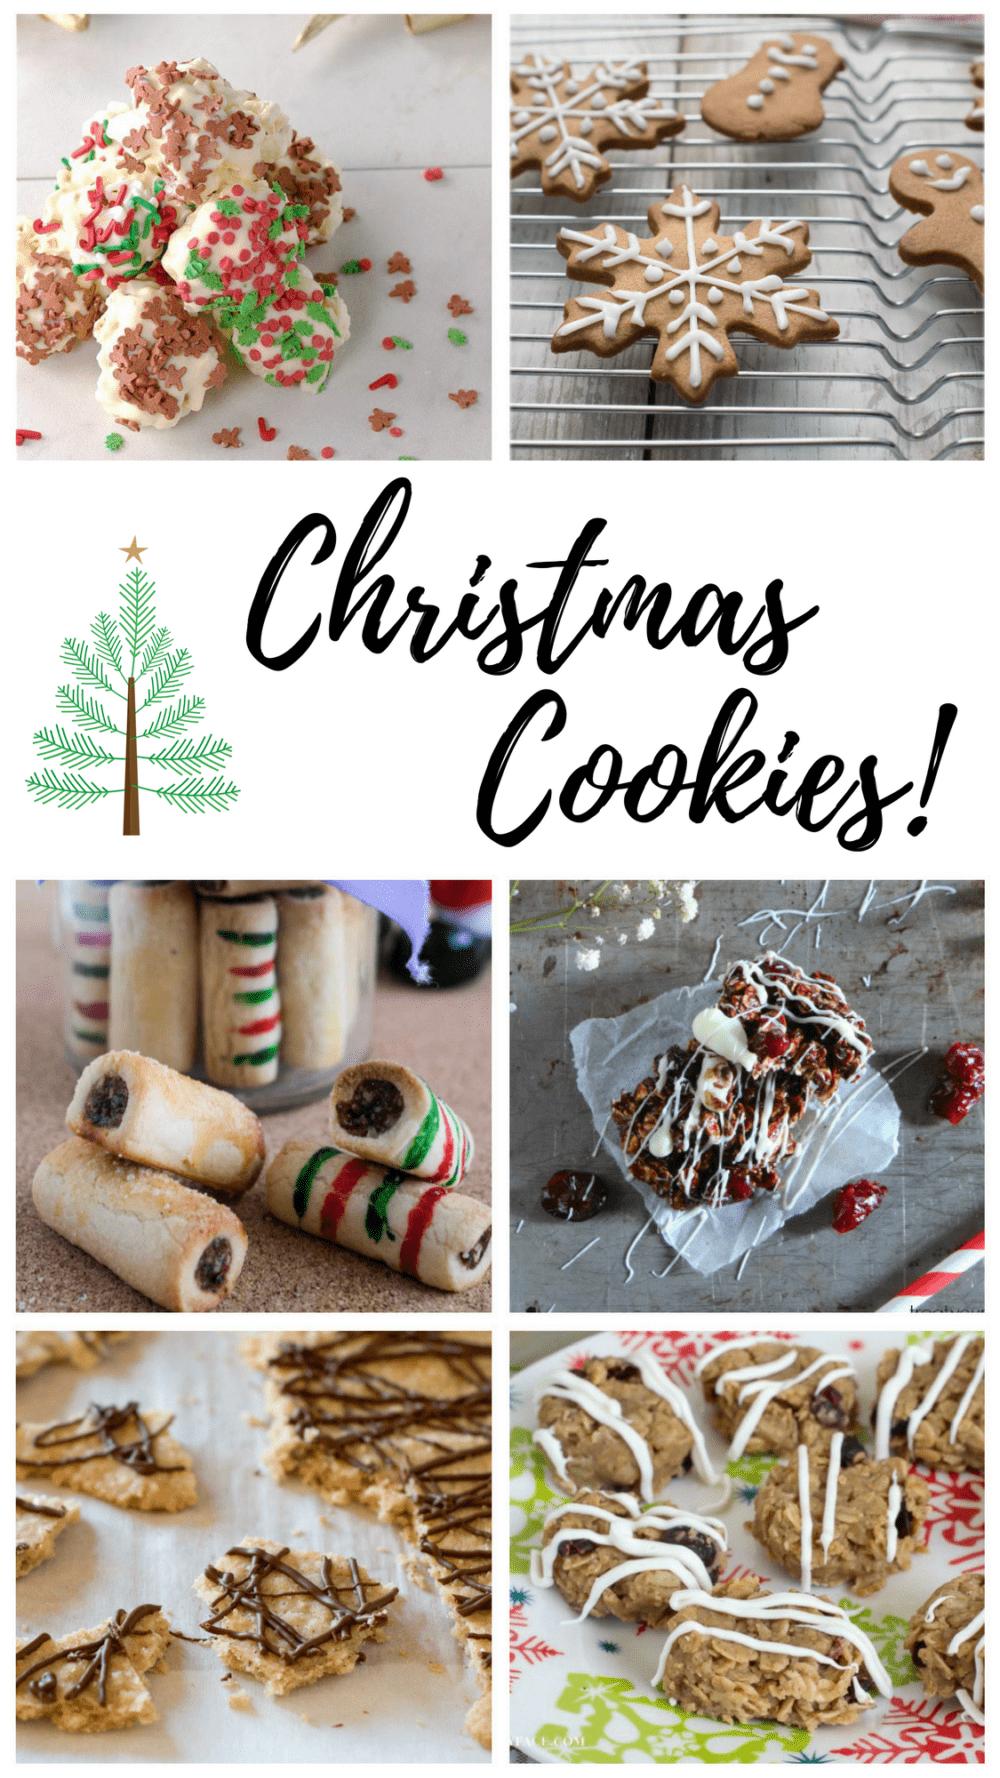 Food Blog Genius Christmas Cookies - @TheFitCookie #cookies #Christmas